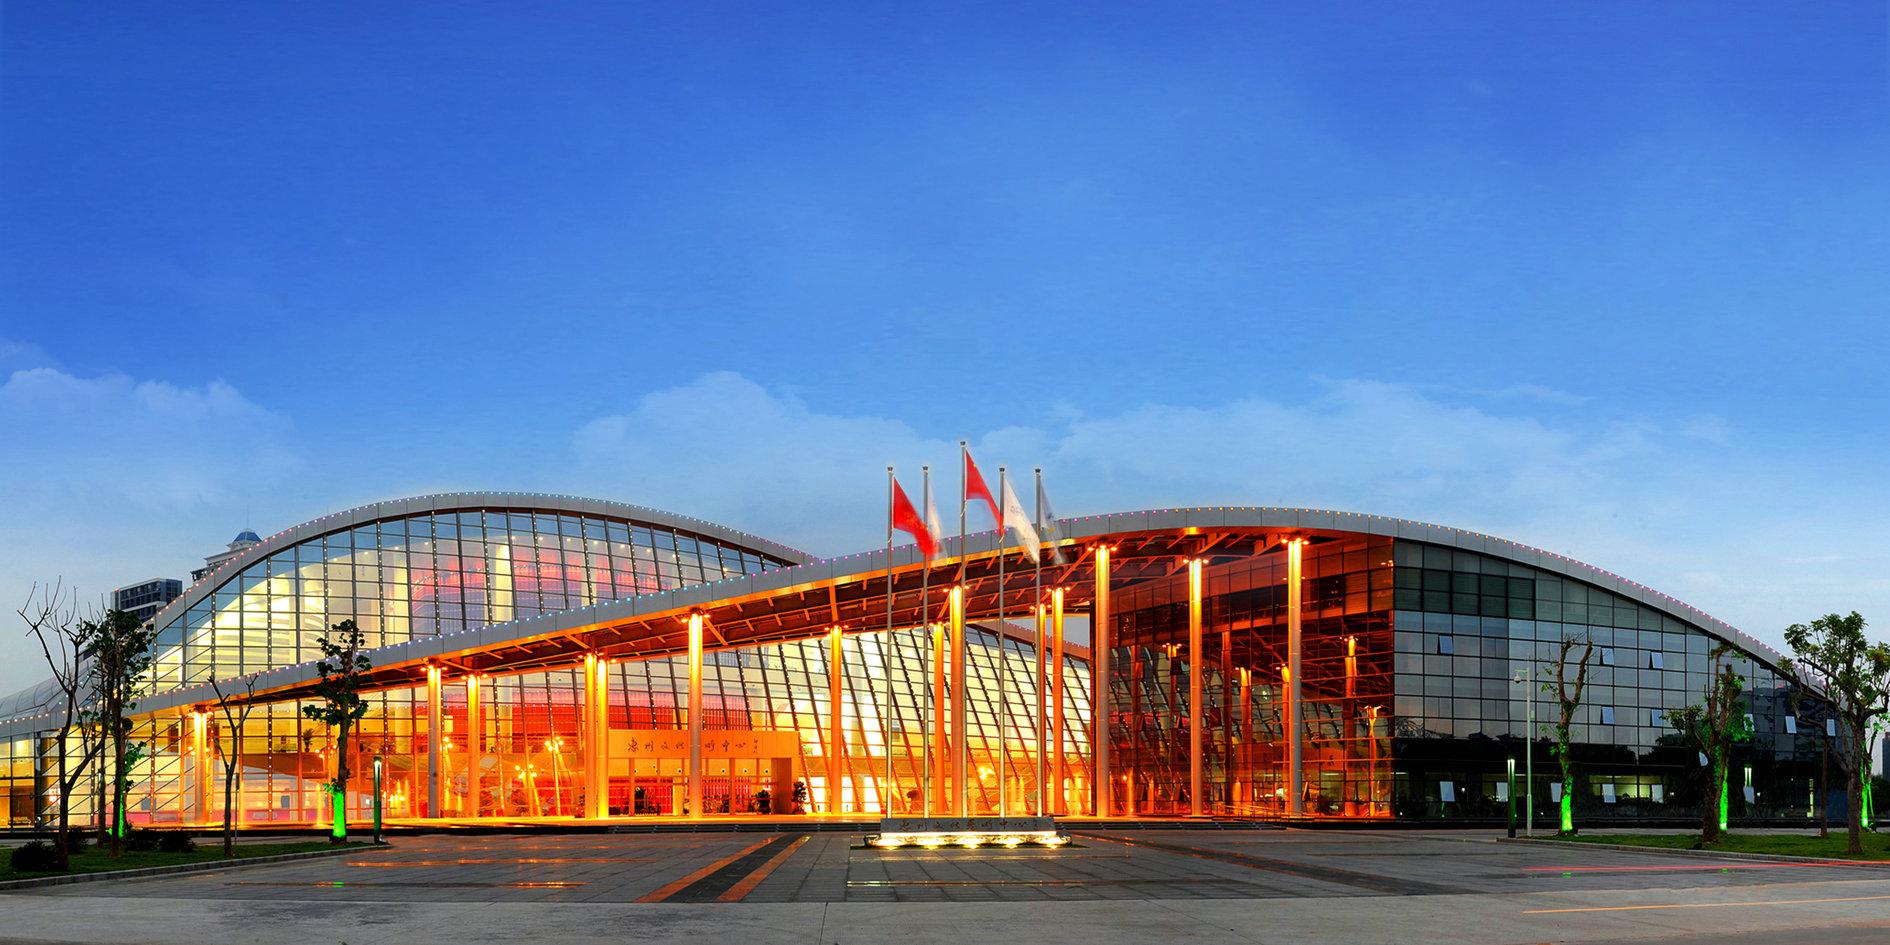 惠州文化艺术中心外景图.jpg